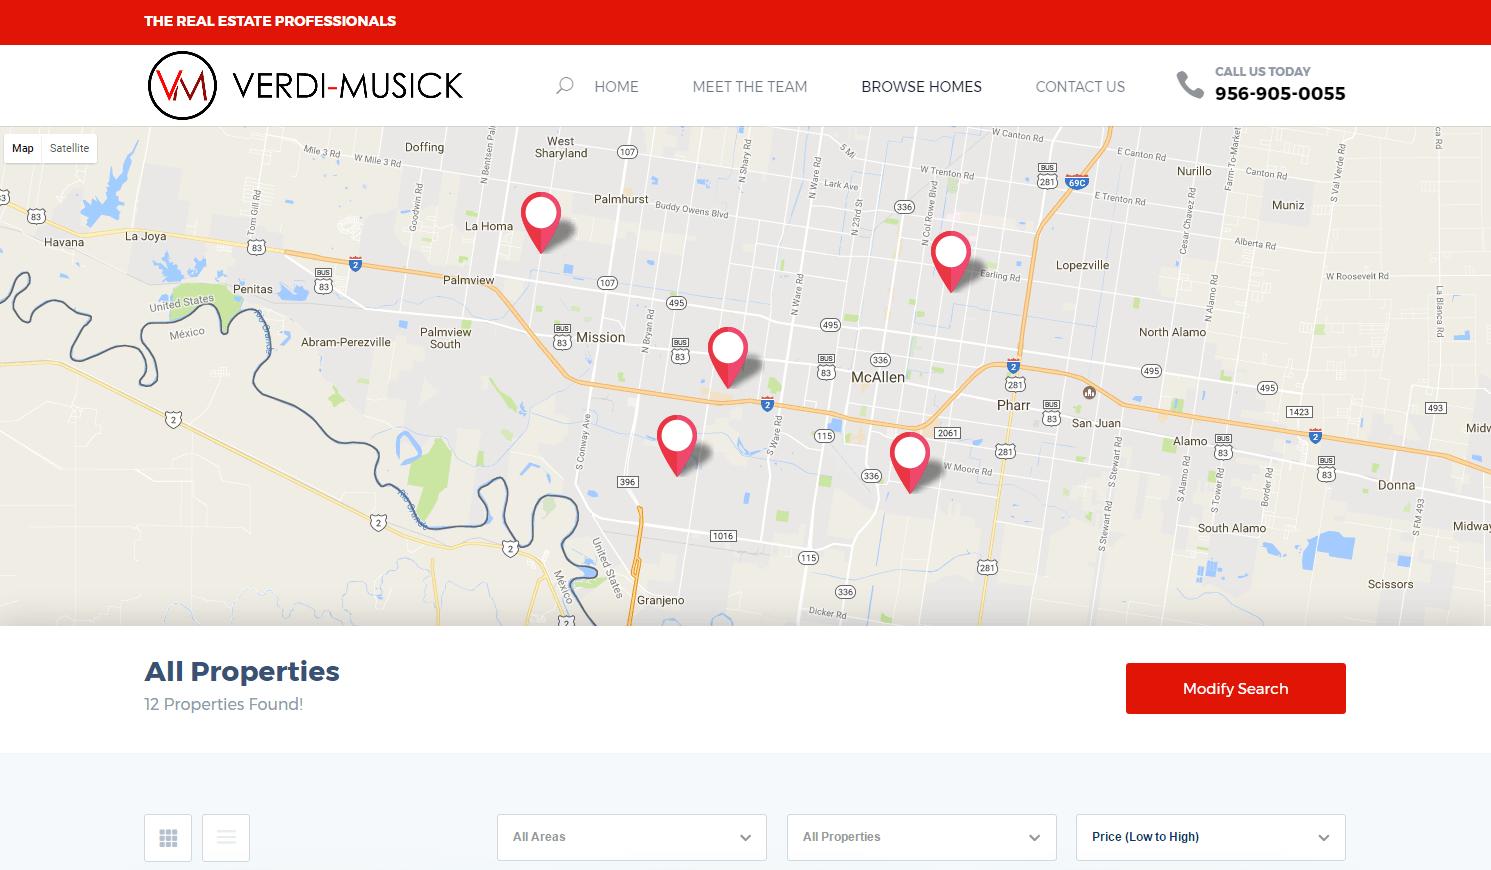 VerdiMusick Real Estate